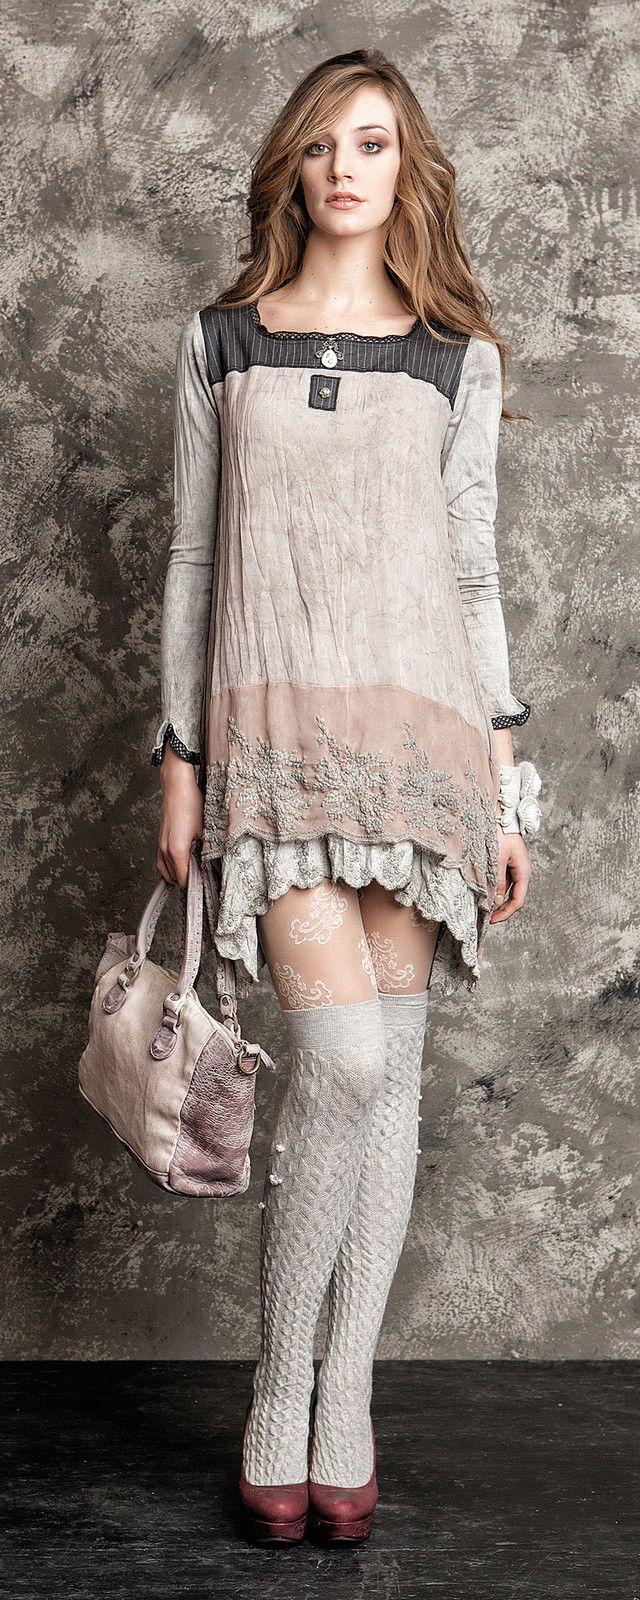 NEU Eingetroffen Kleid Tunika Elisa Cavaletti GR M H W Kollektion 14 15   eBay